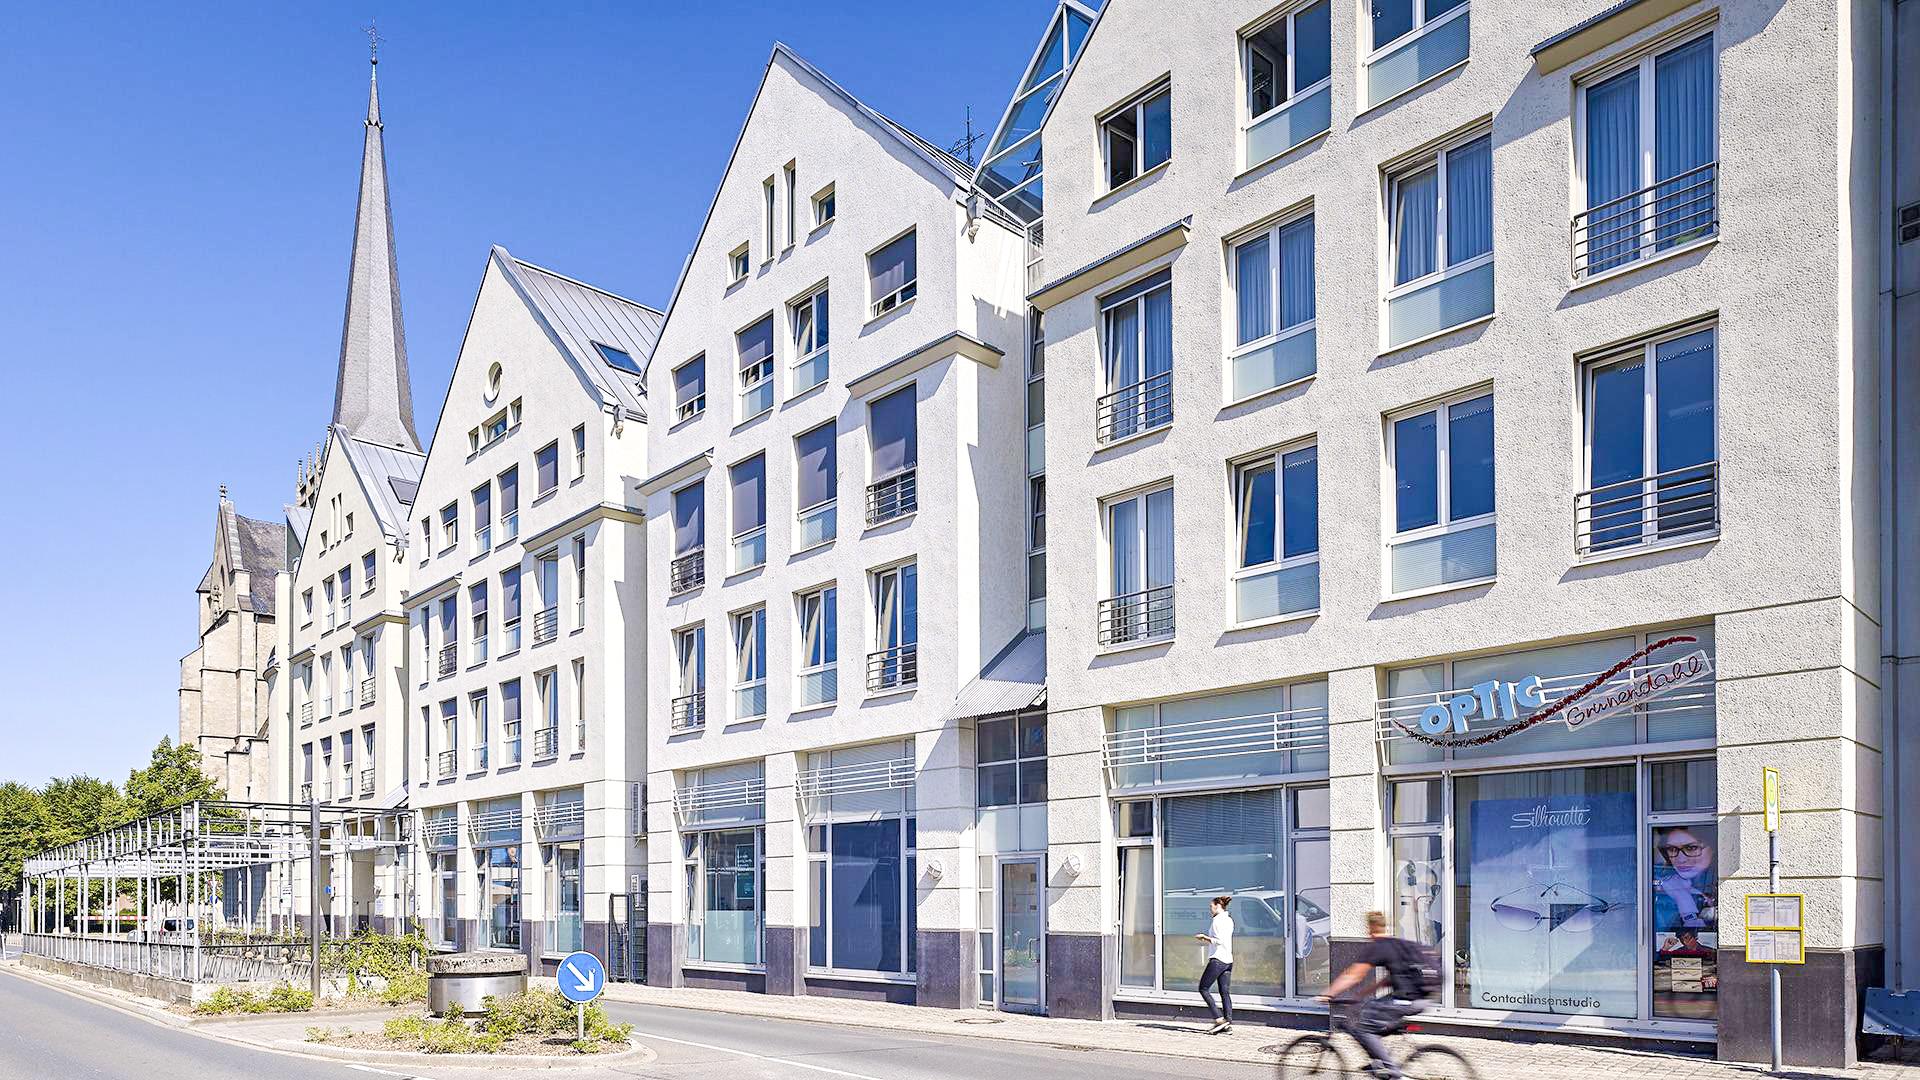 Fassadensanierung TrappzeileGroßer Markt46483 Wesel